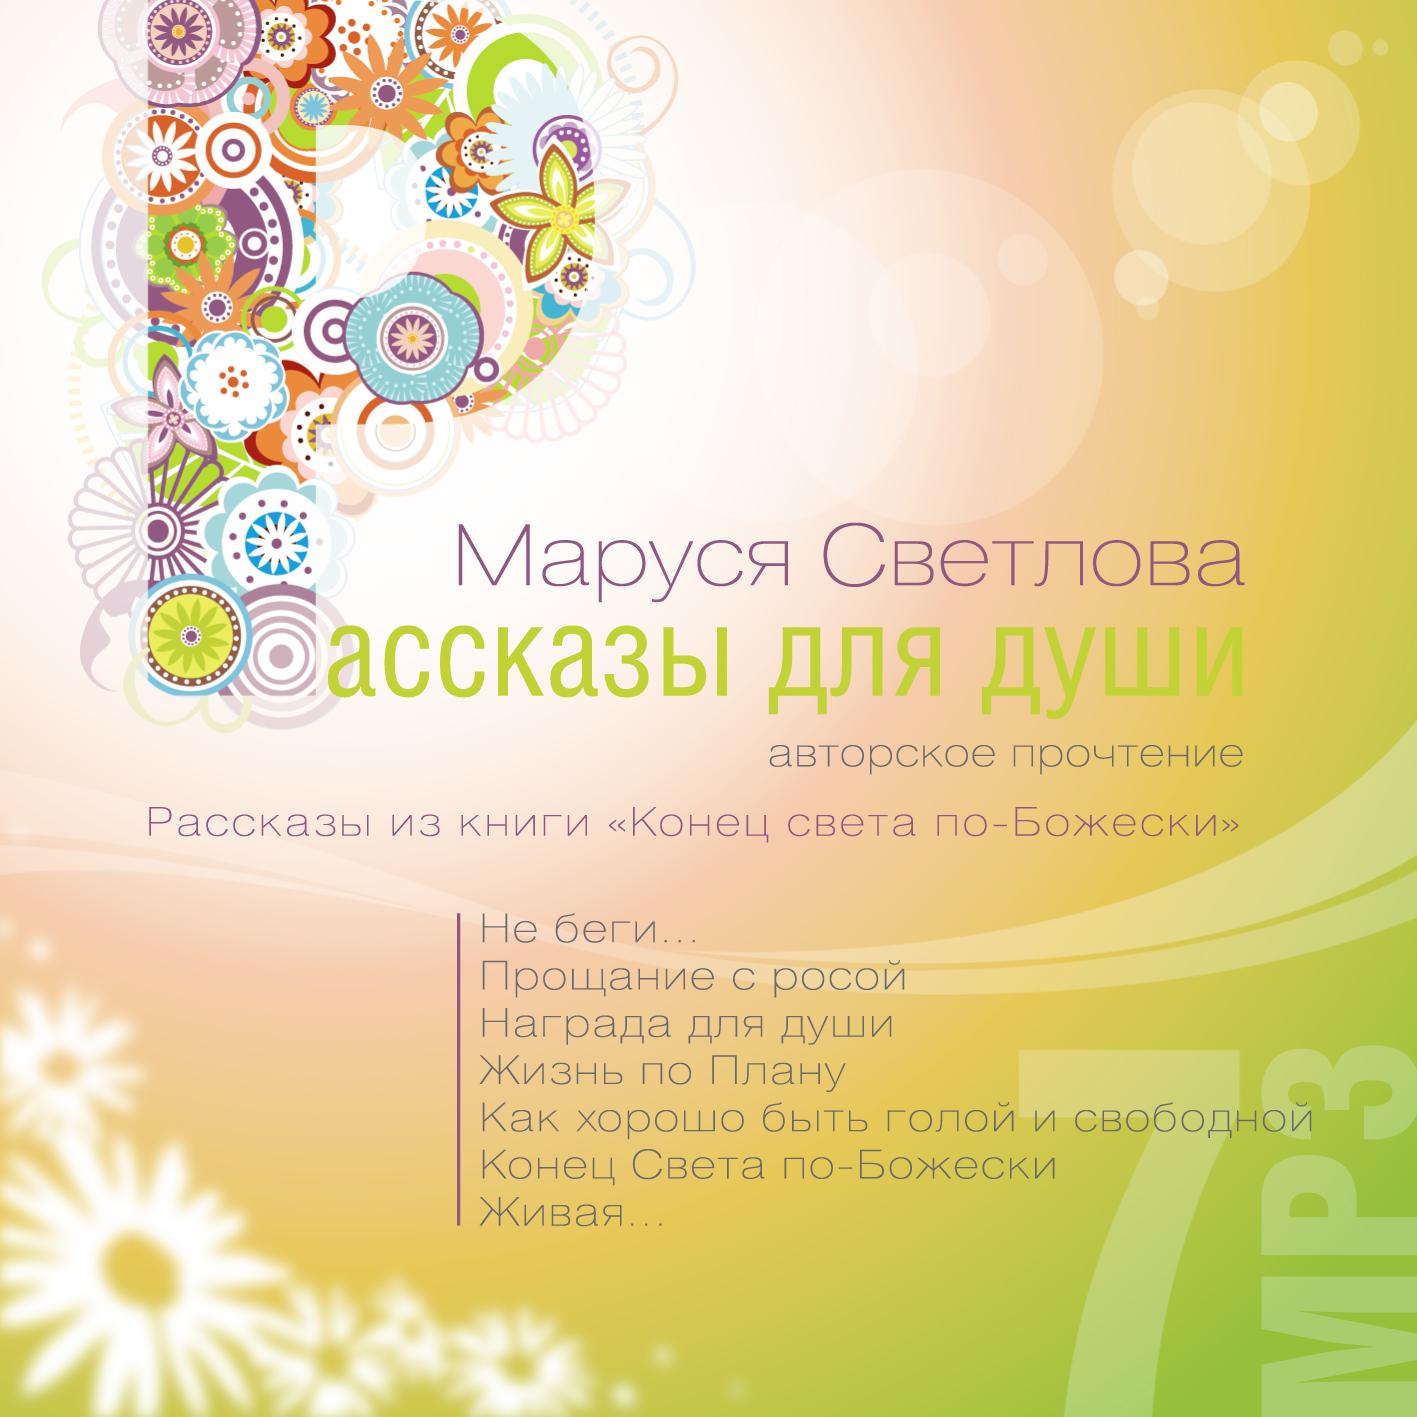 Маруся Светлова Награда для души маруся светлова как хорошо быть голой и свободной